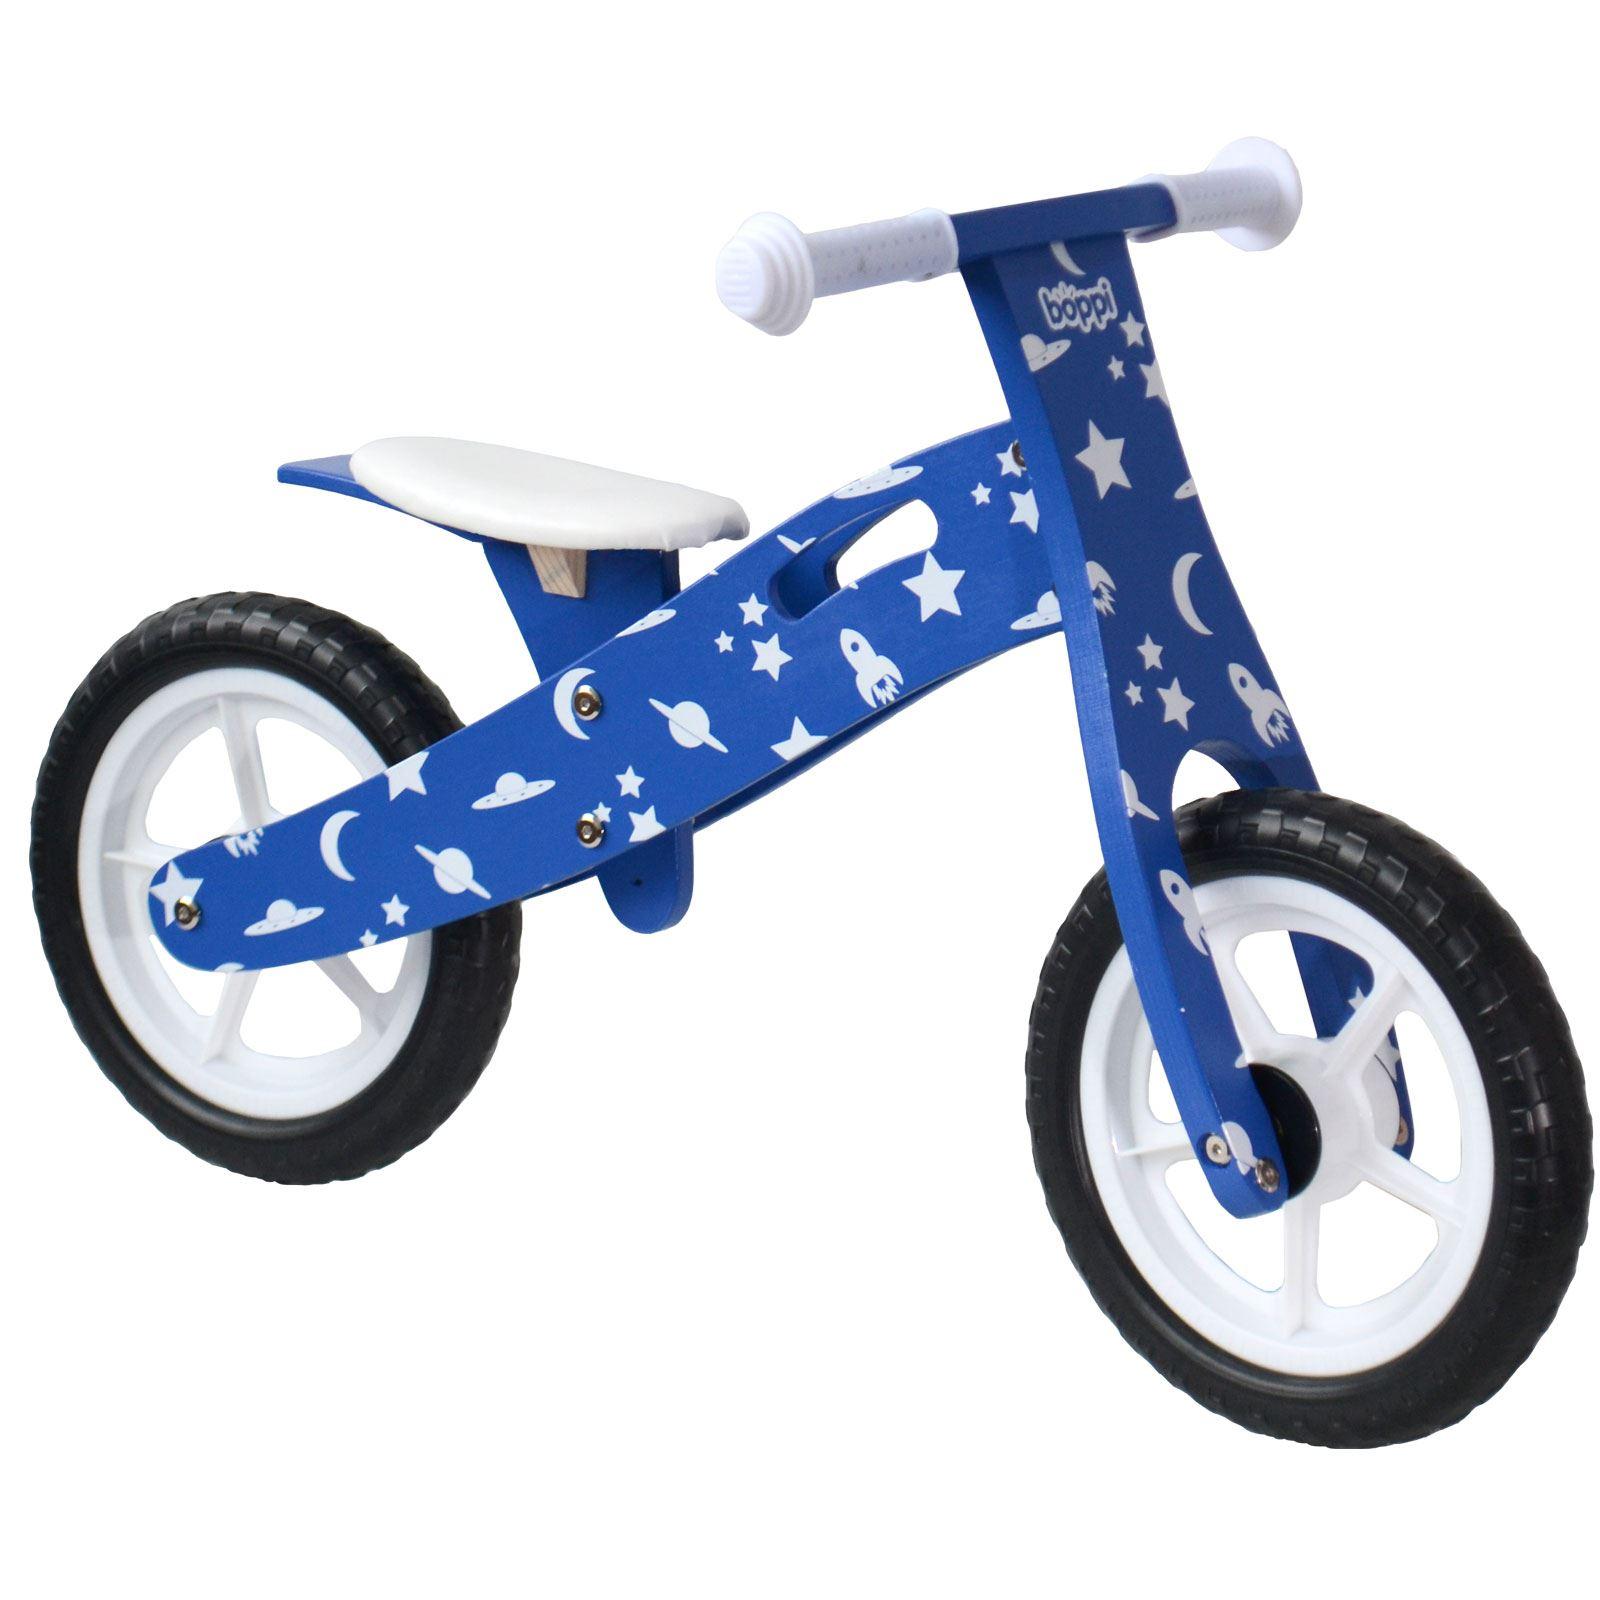 boppi kinder h lzern balance training bike fahrrad jungen. Black Bedroom Furniture Sets. Home Design Ideas